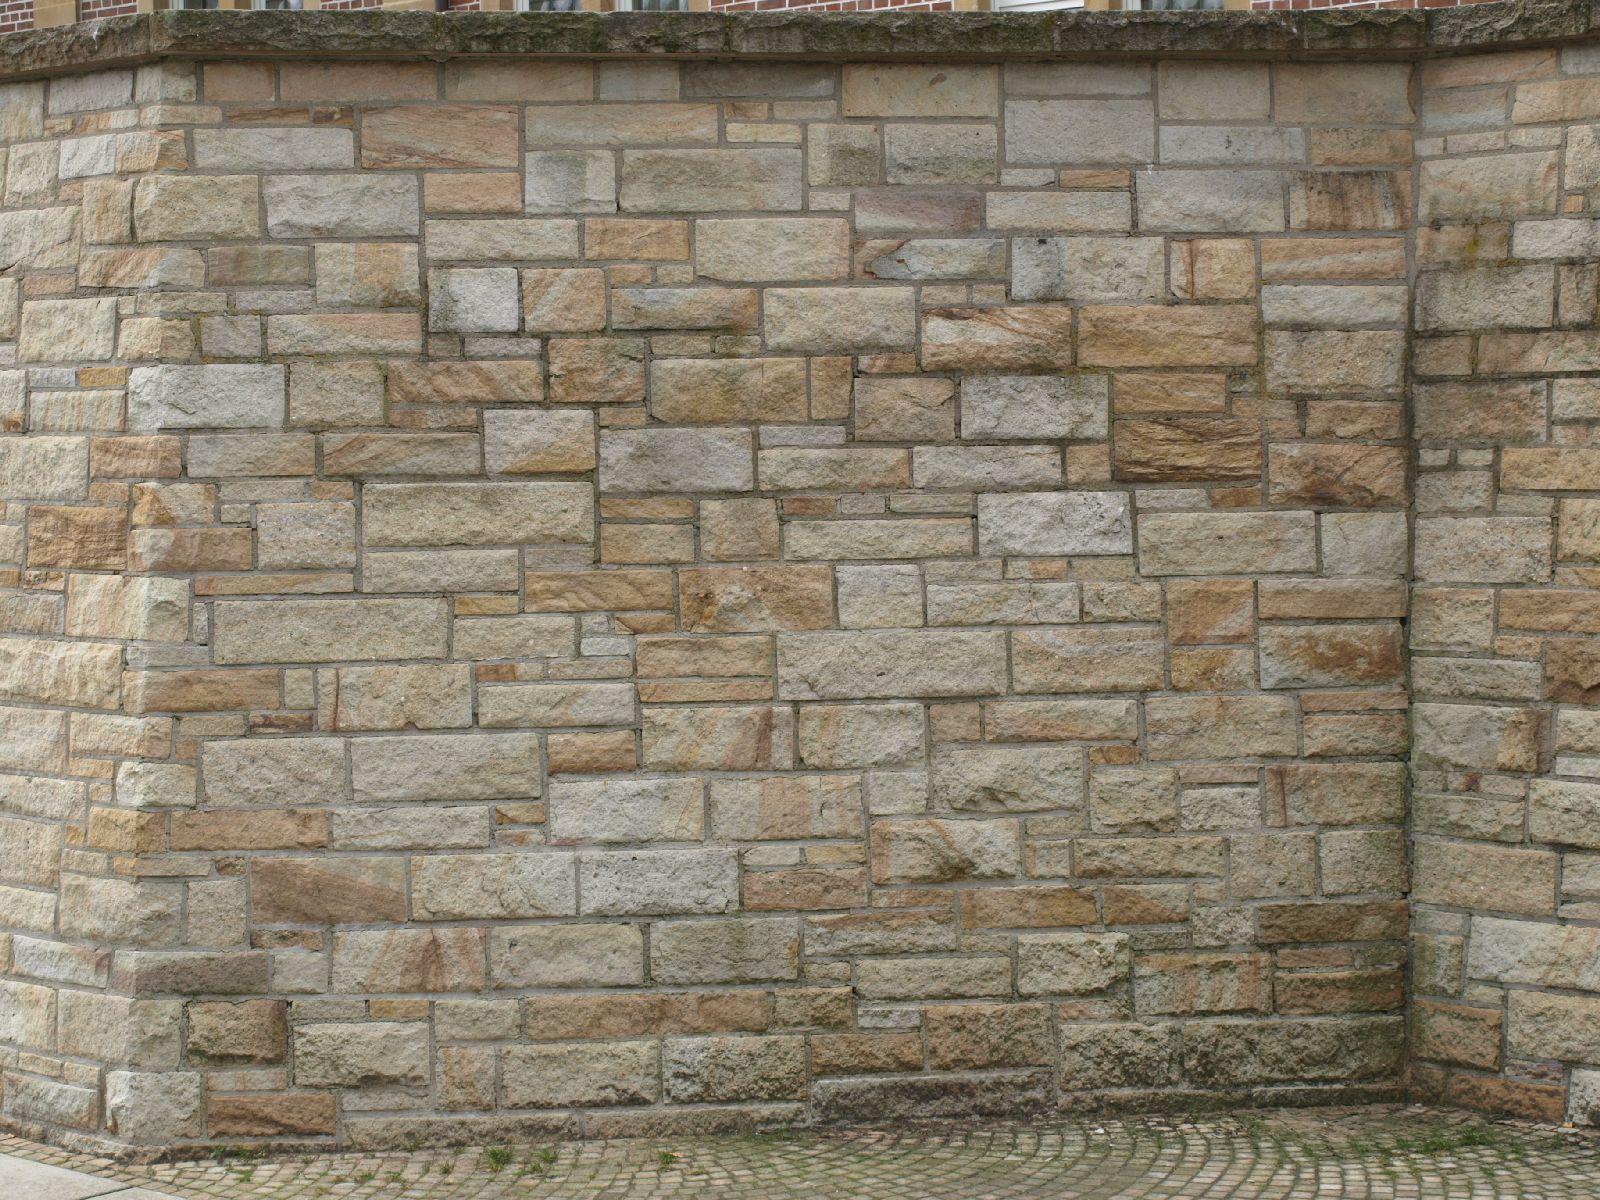 Wand-Bruchstein_Textur_A_P6056811